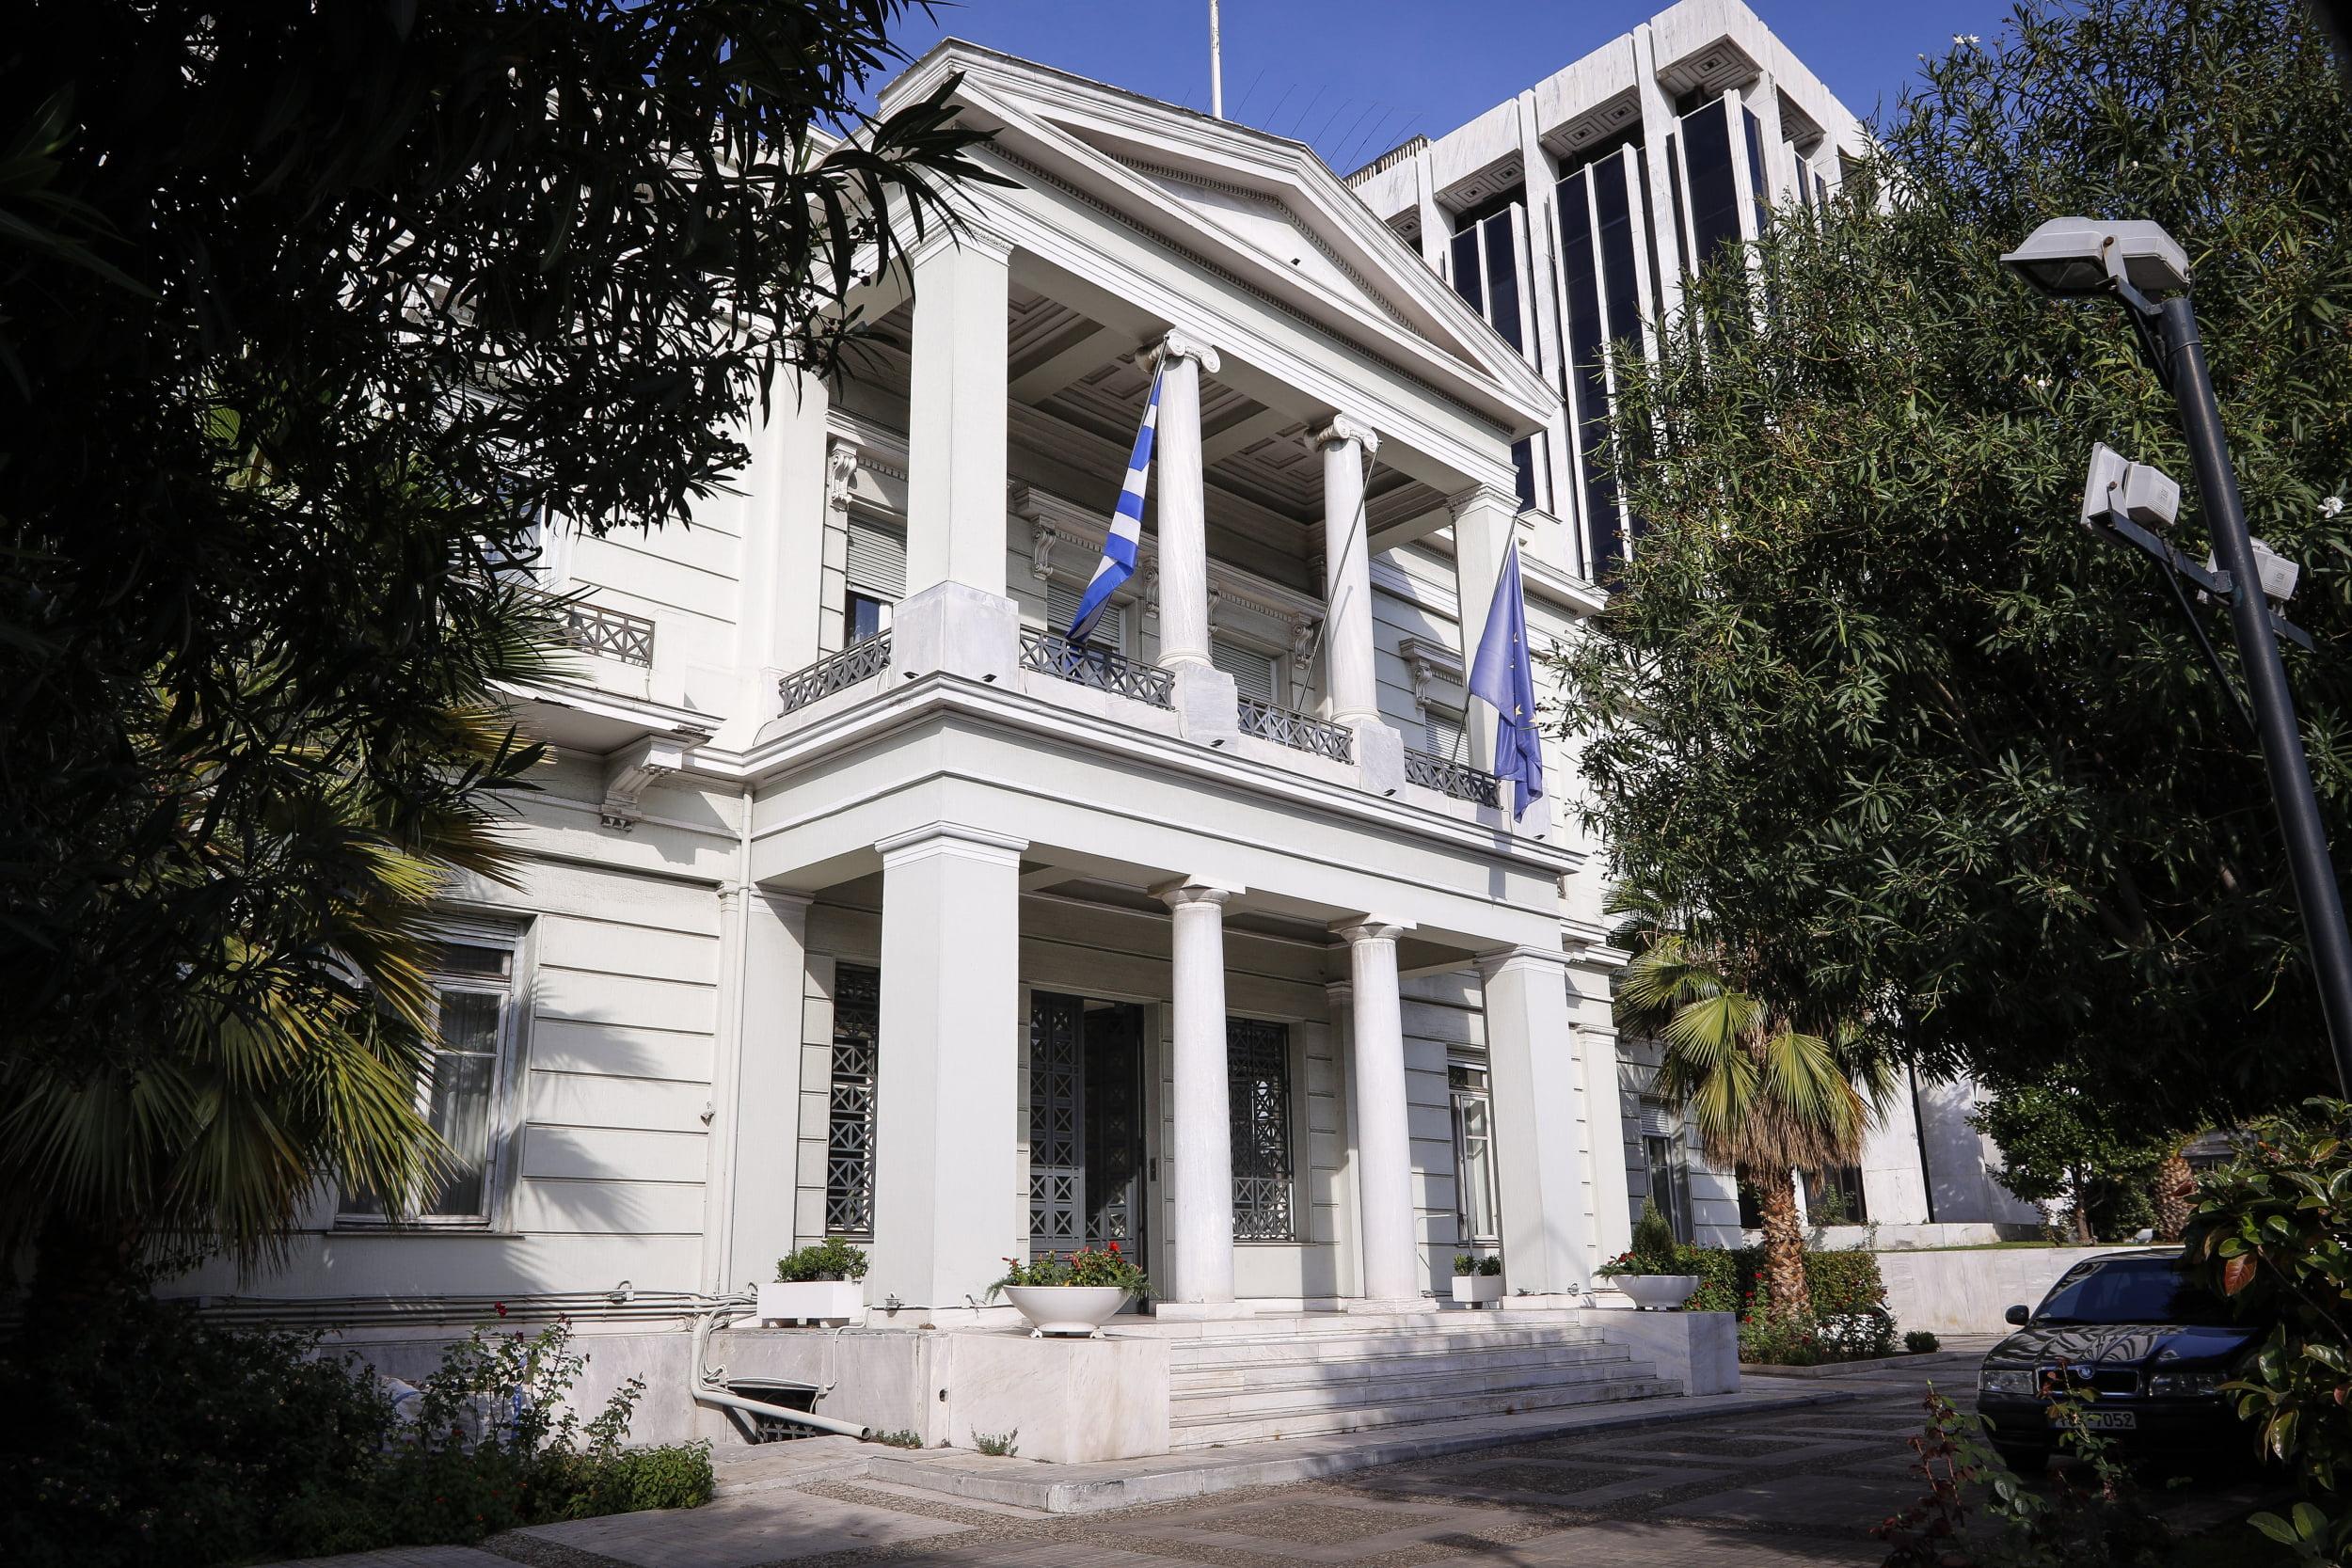 Έντονη ενόχληση της Αθήνας: Διάβημα διαμαρτυρίας στην Τουρκία για παρενόχληση του ερευνητικού πλοίου Nautical Geo